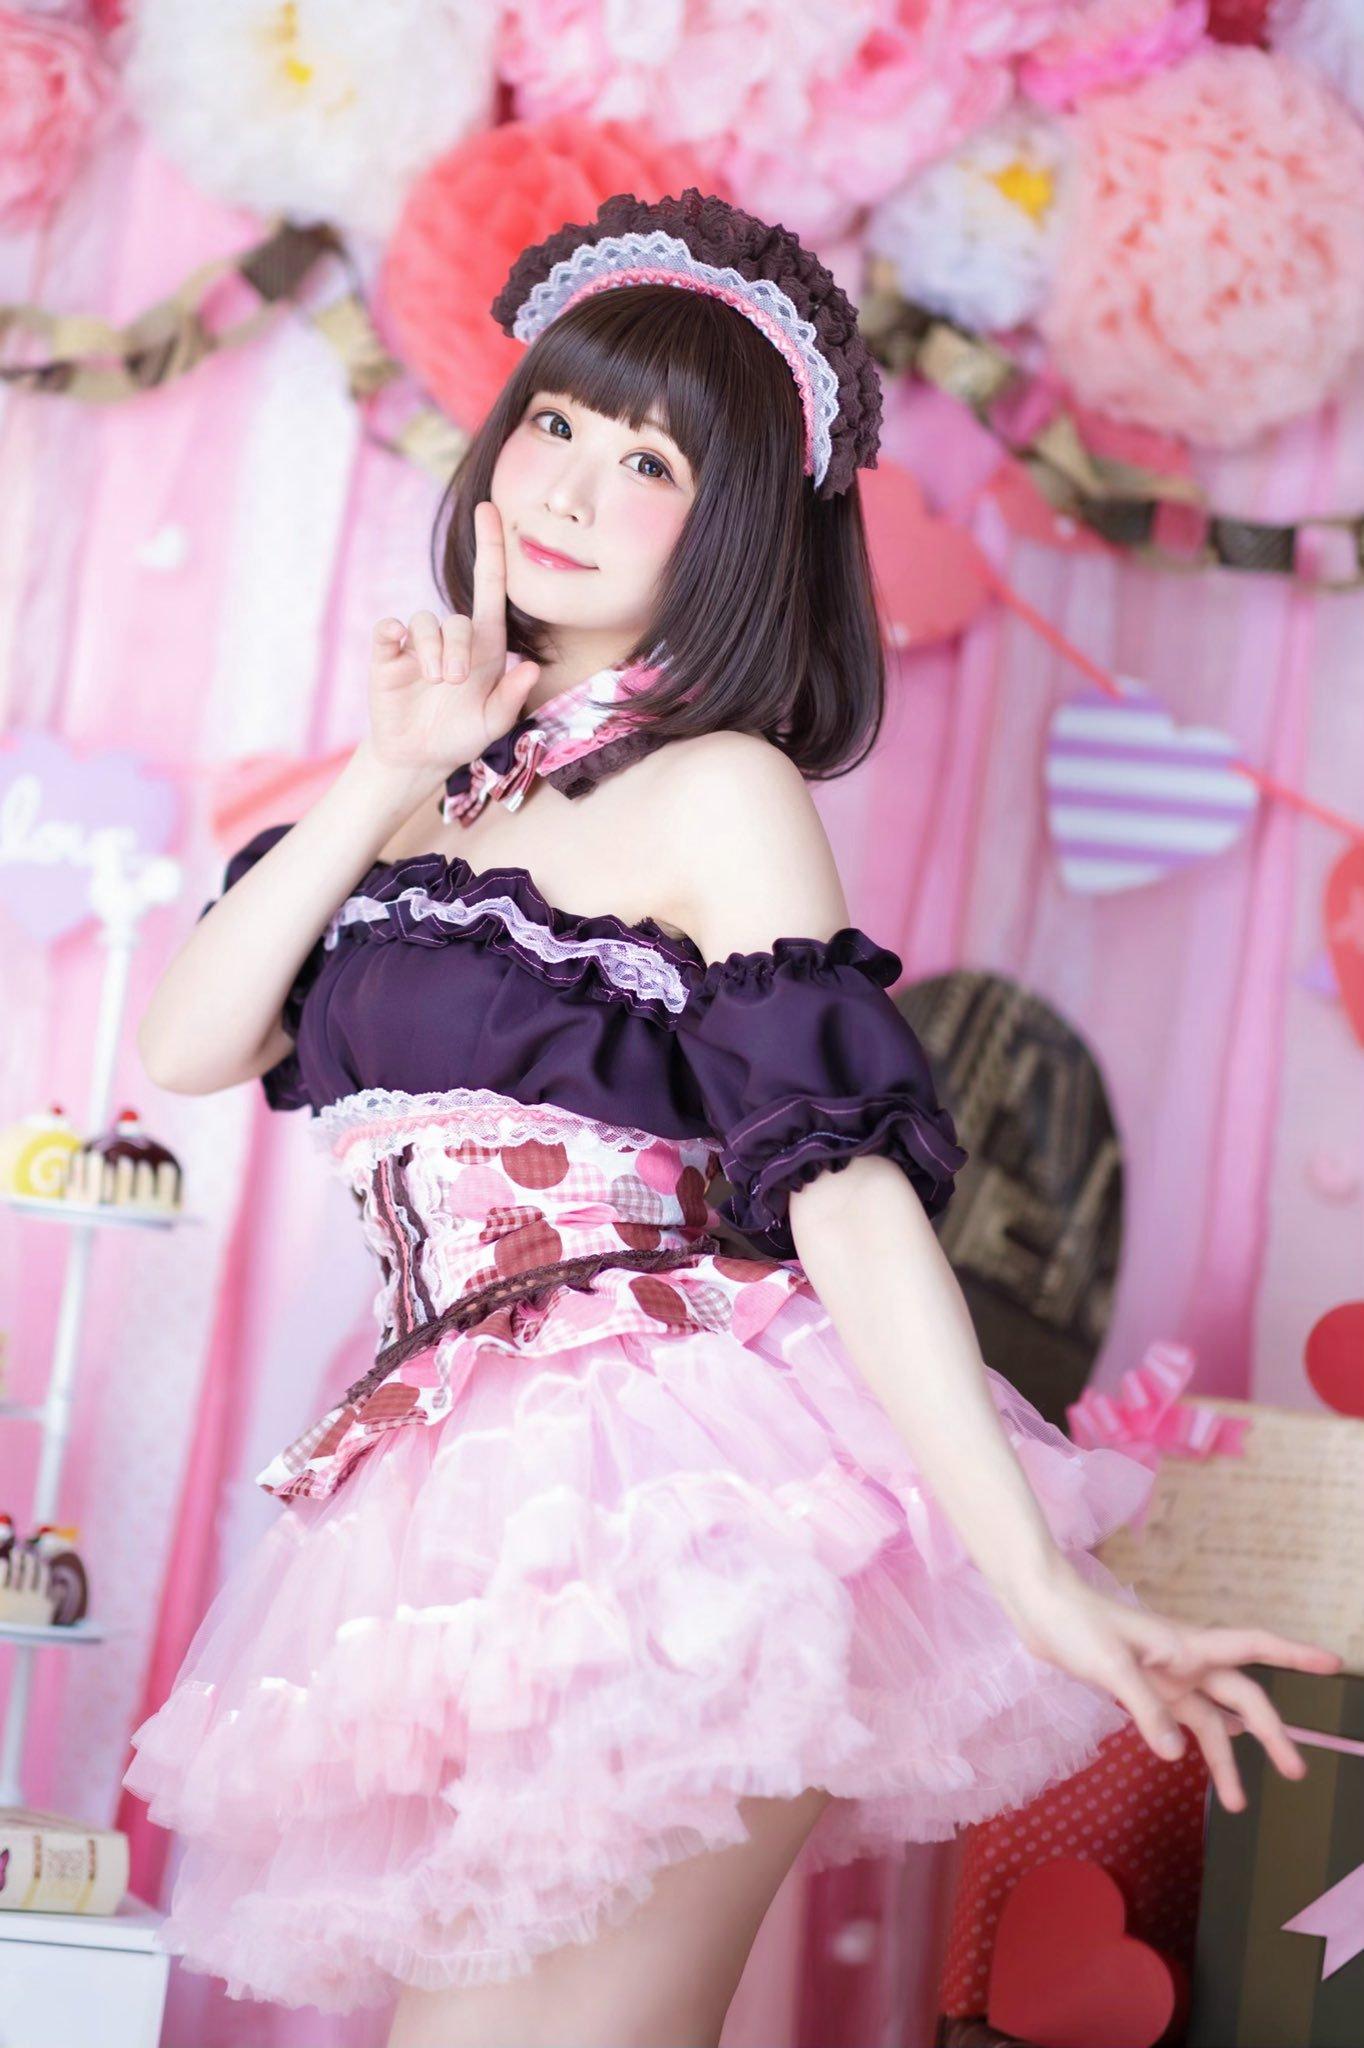 itsuki_akira 1228243048074579970_p0